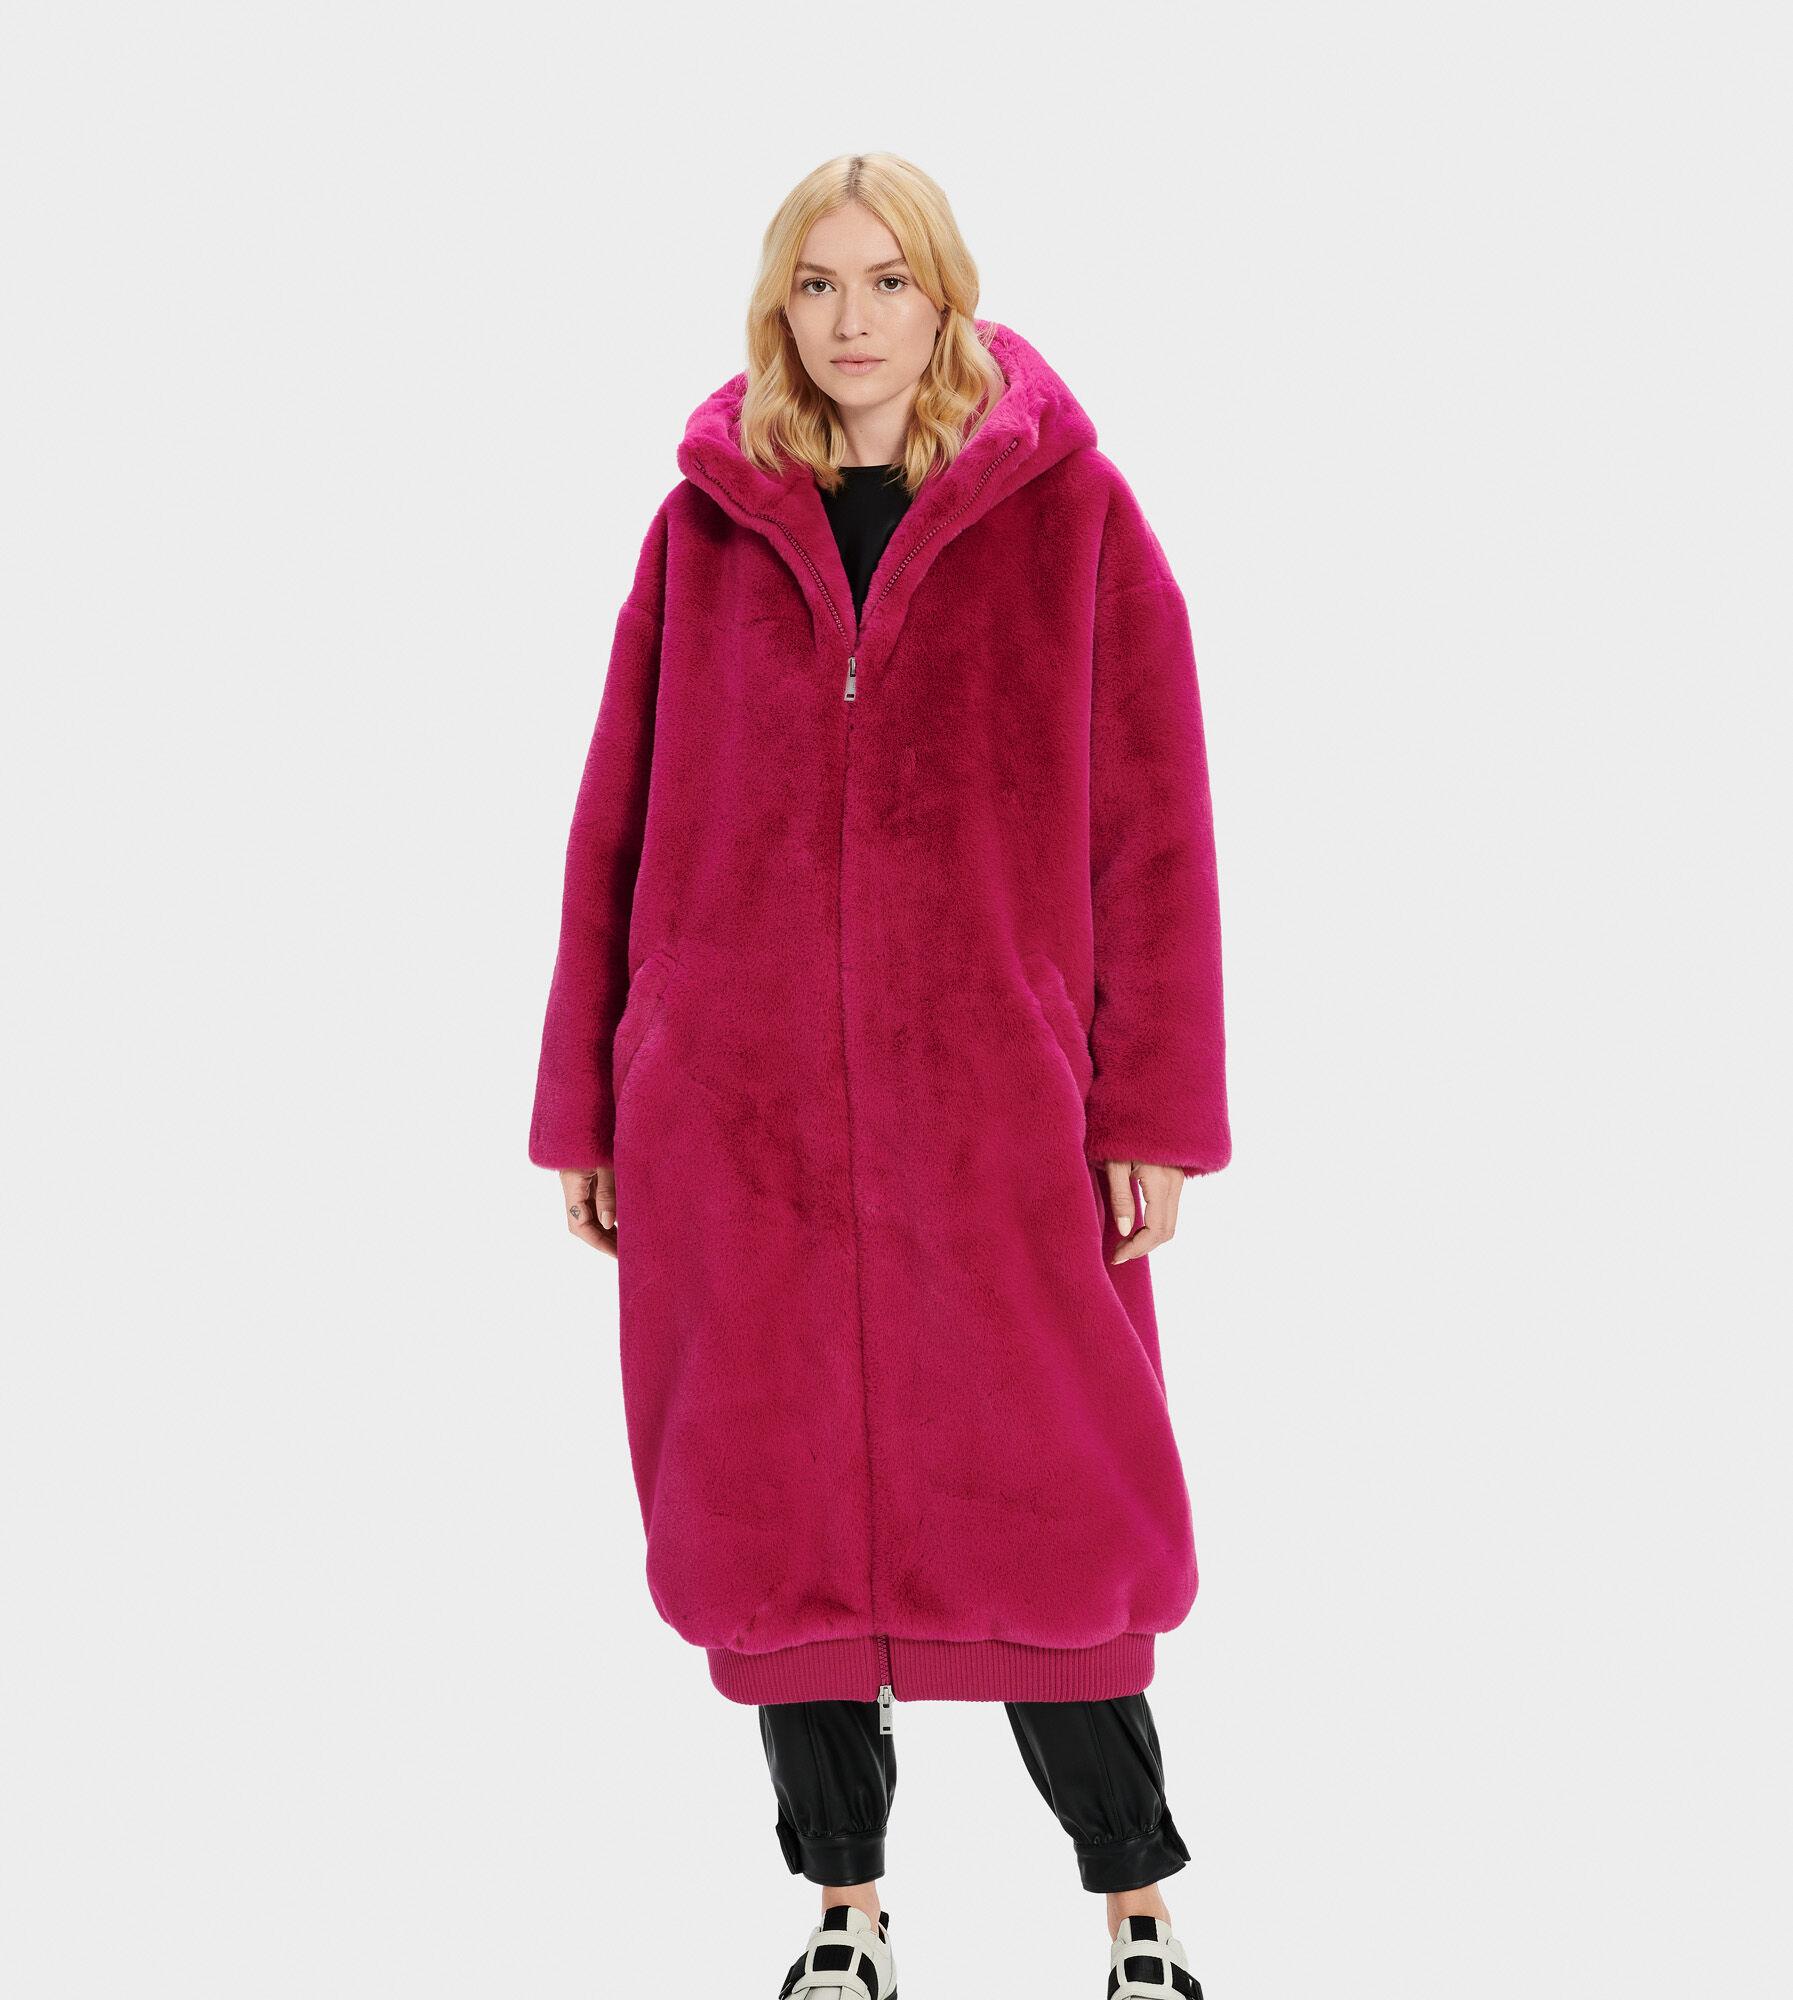 Koko Oversized Faux Fur Coat - Ugg (US)